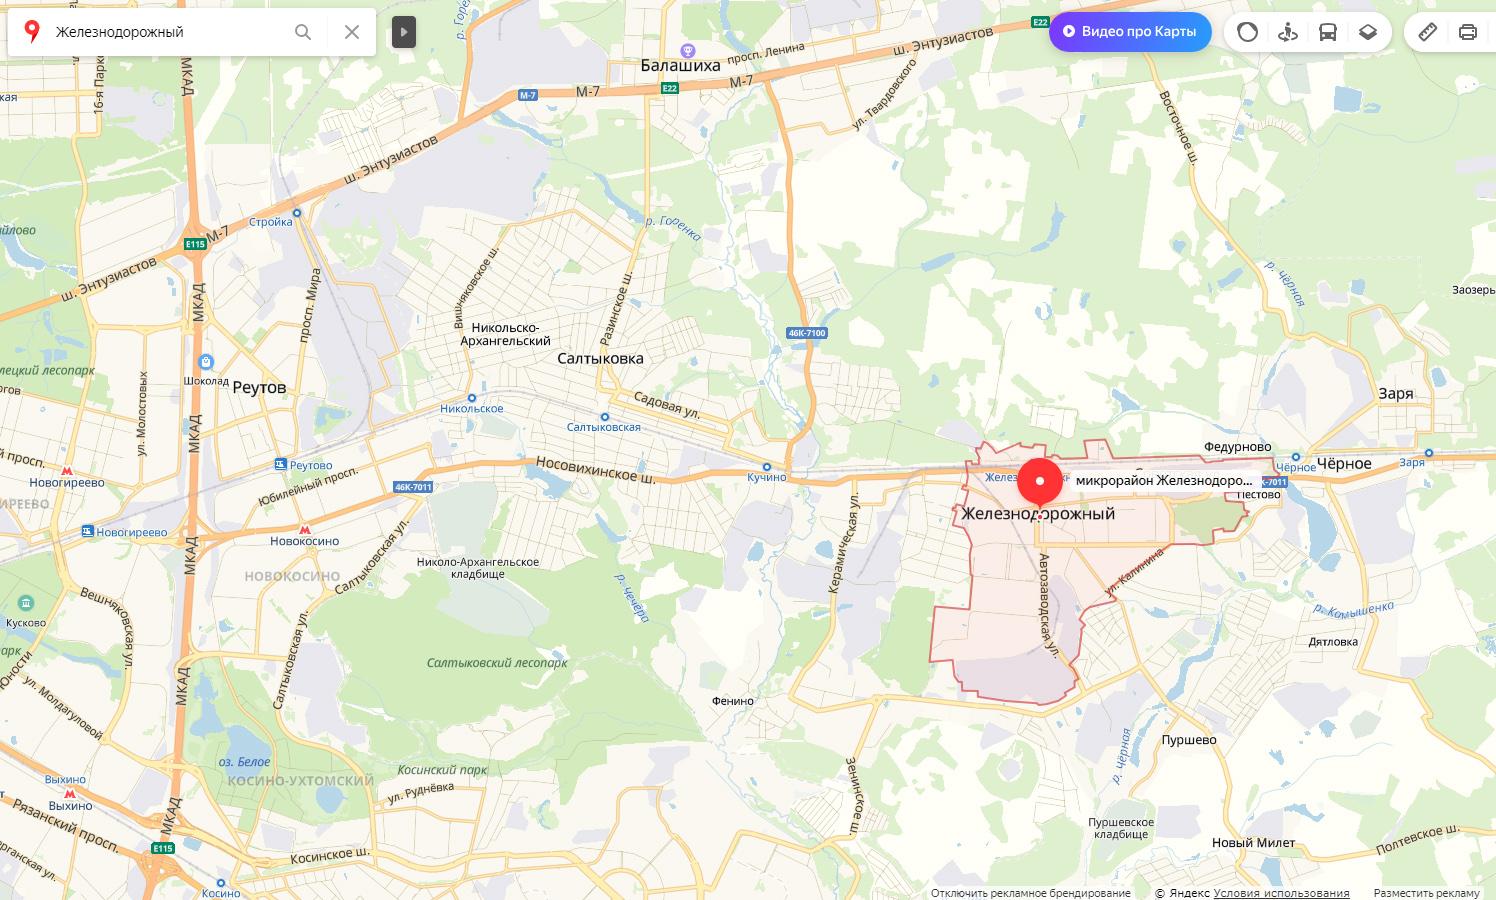 город Железнодорожный на карте, Московская область